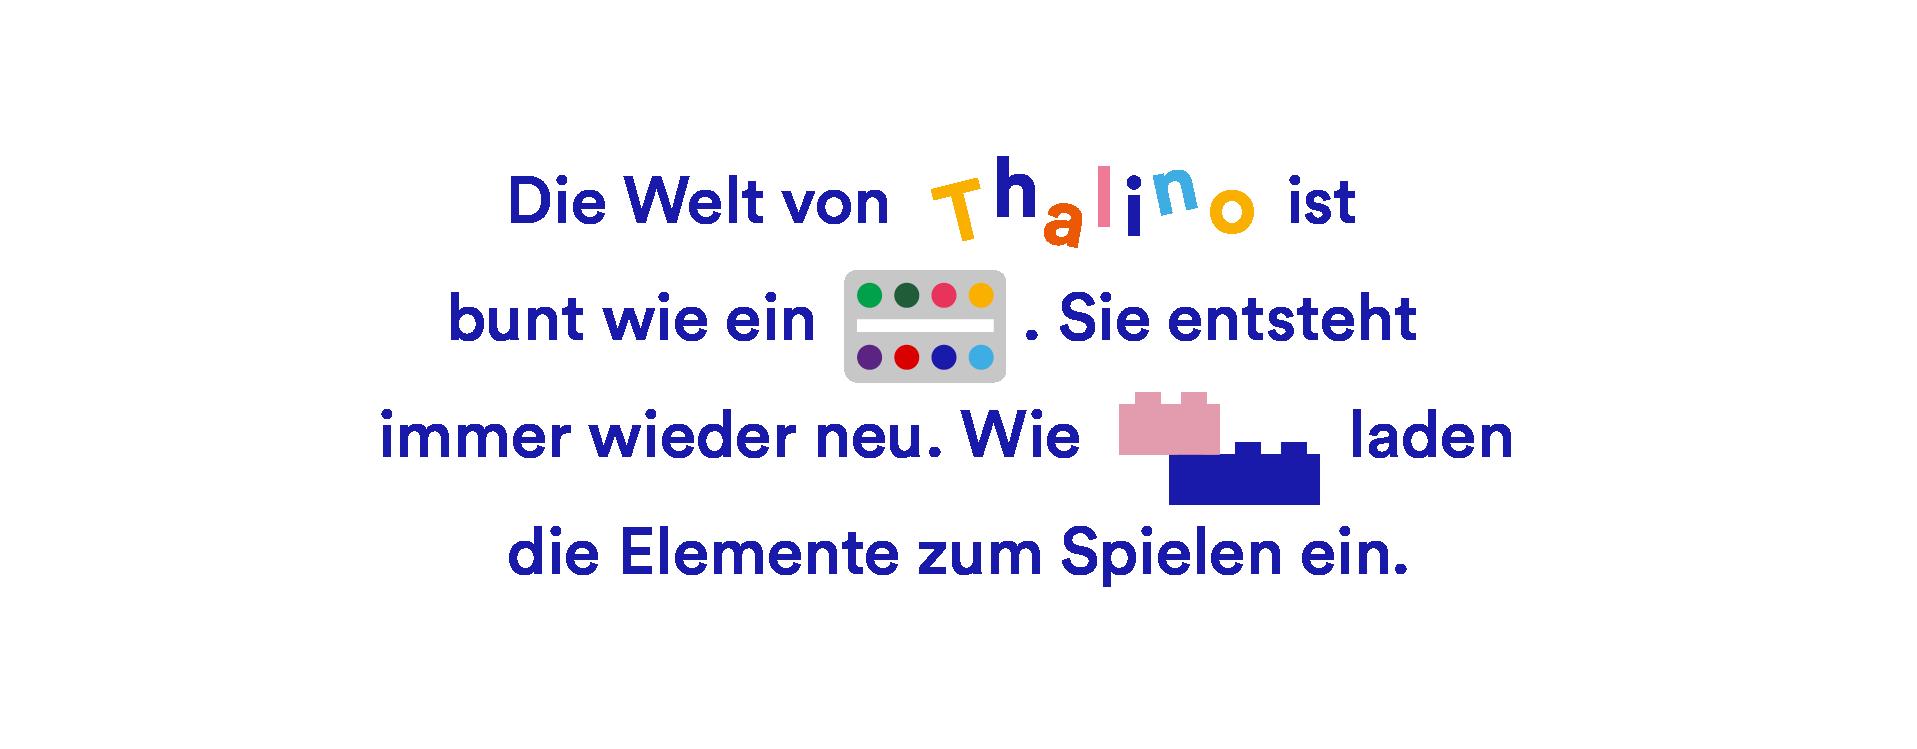 Ref Thalino 10 Bildtext Baukasten